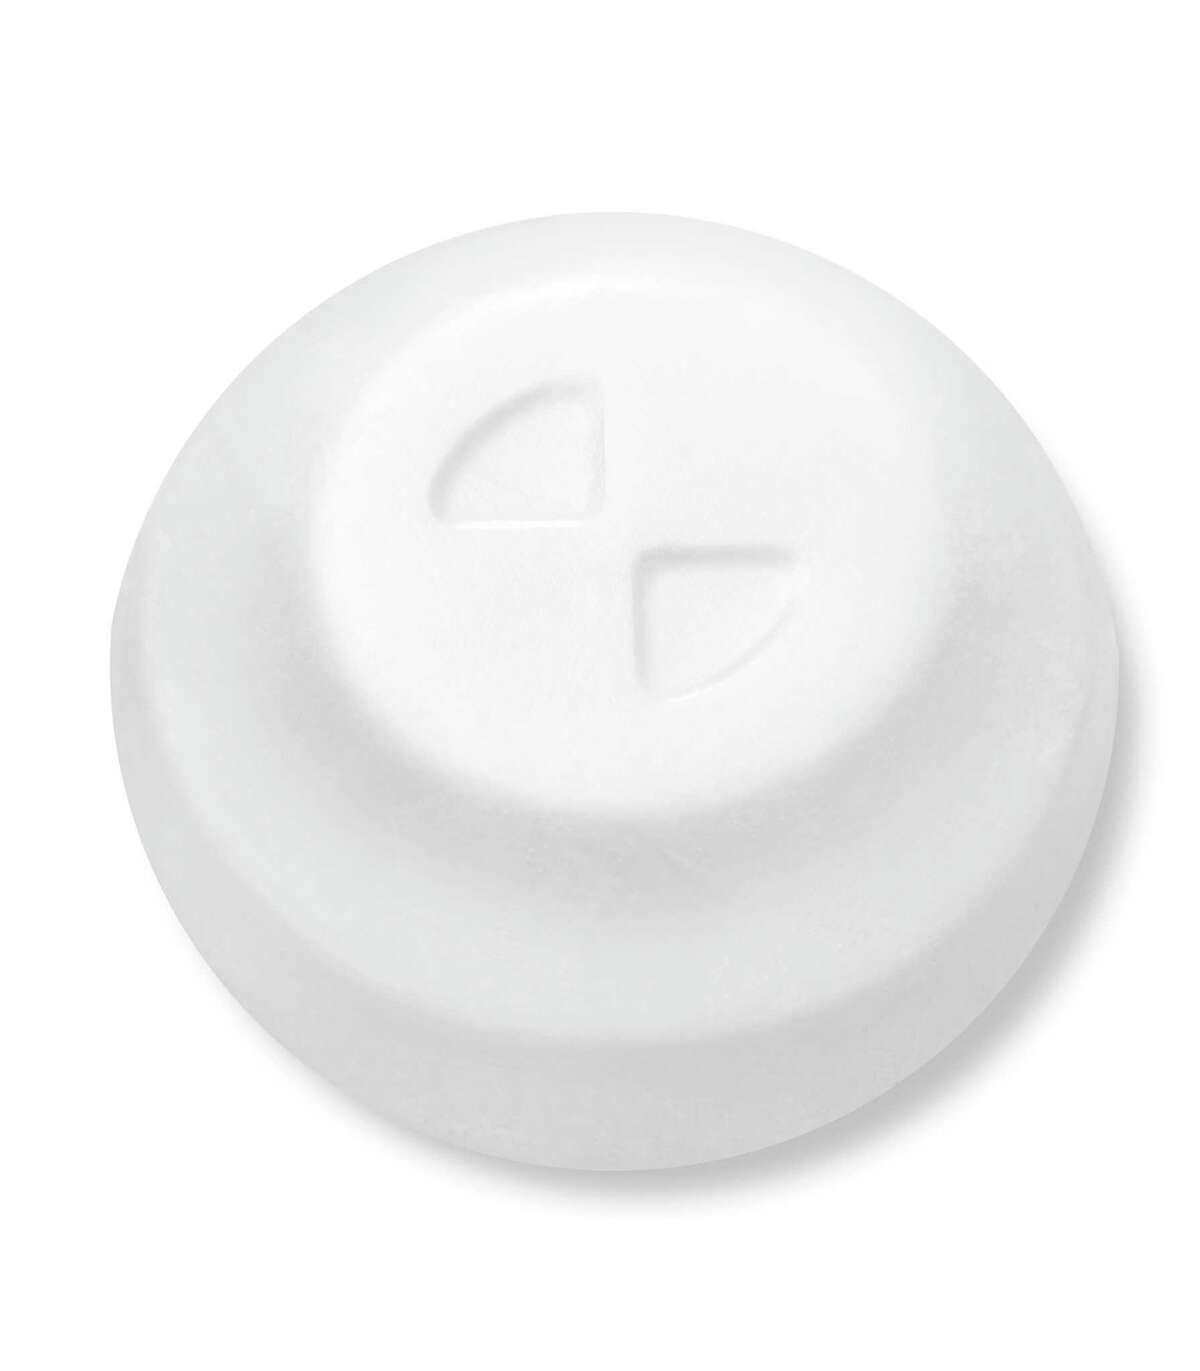 A tablet of Biohaven's migraine drug Nurtec ODT